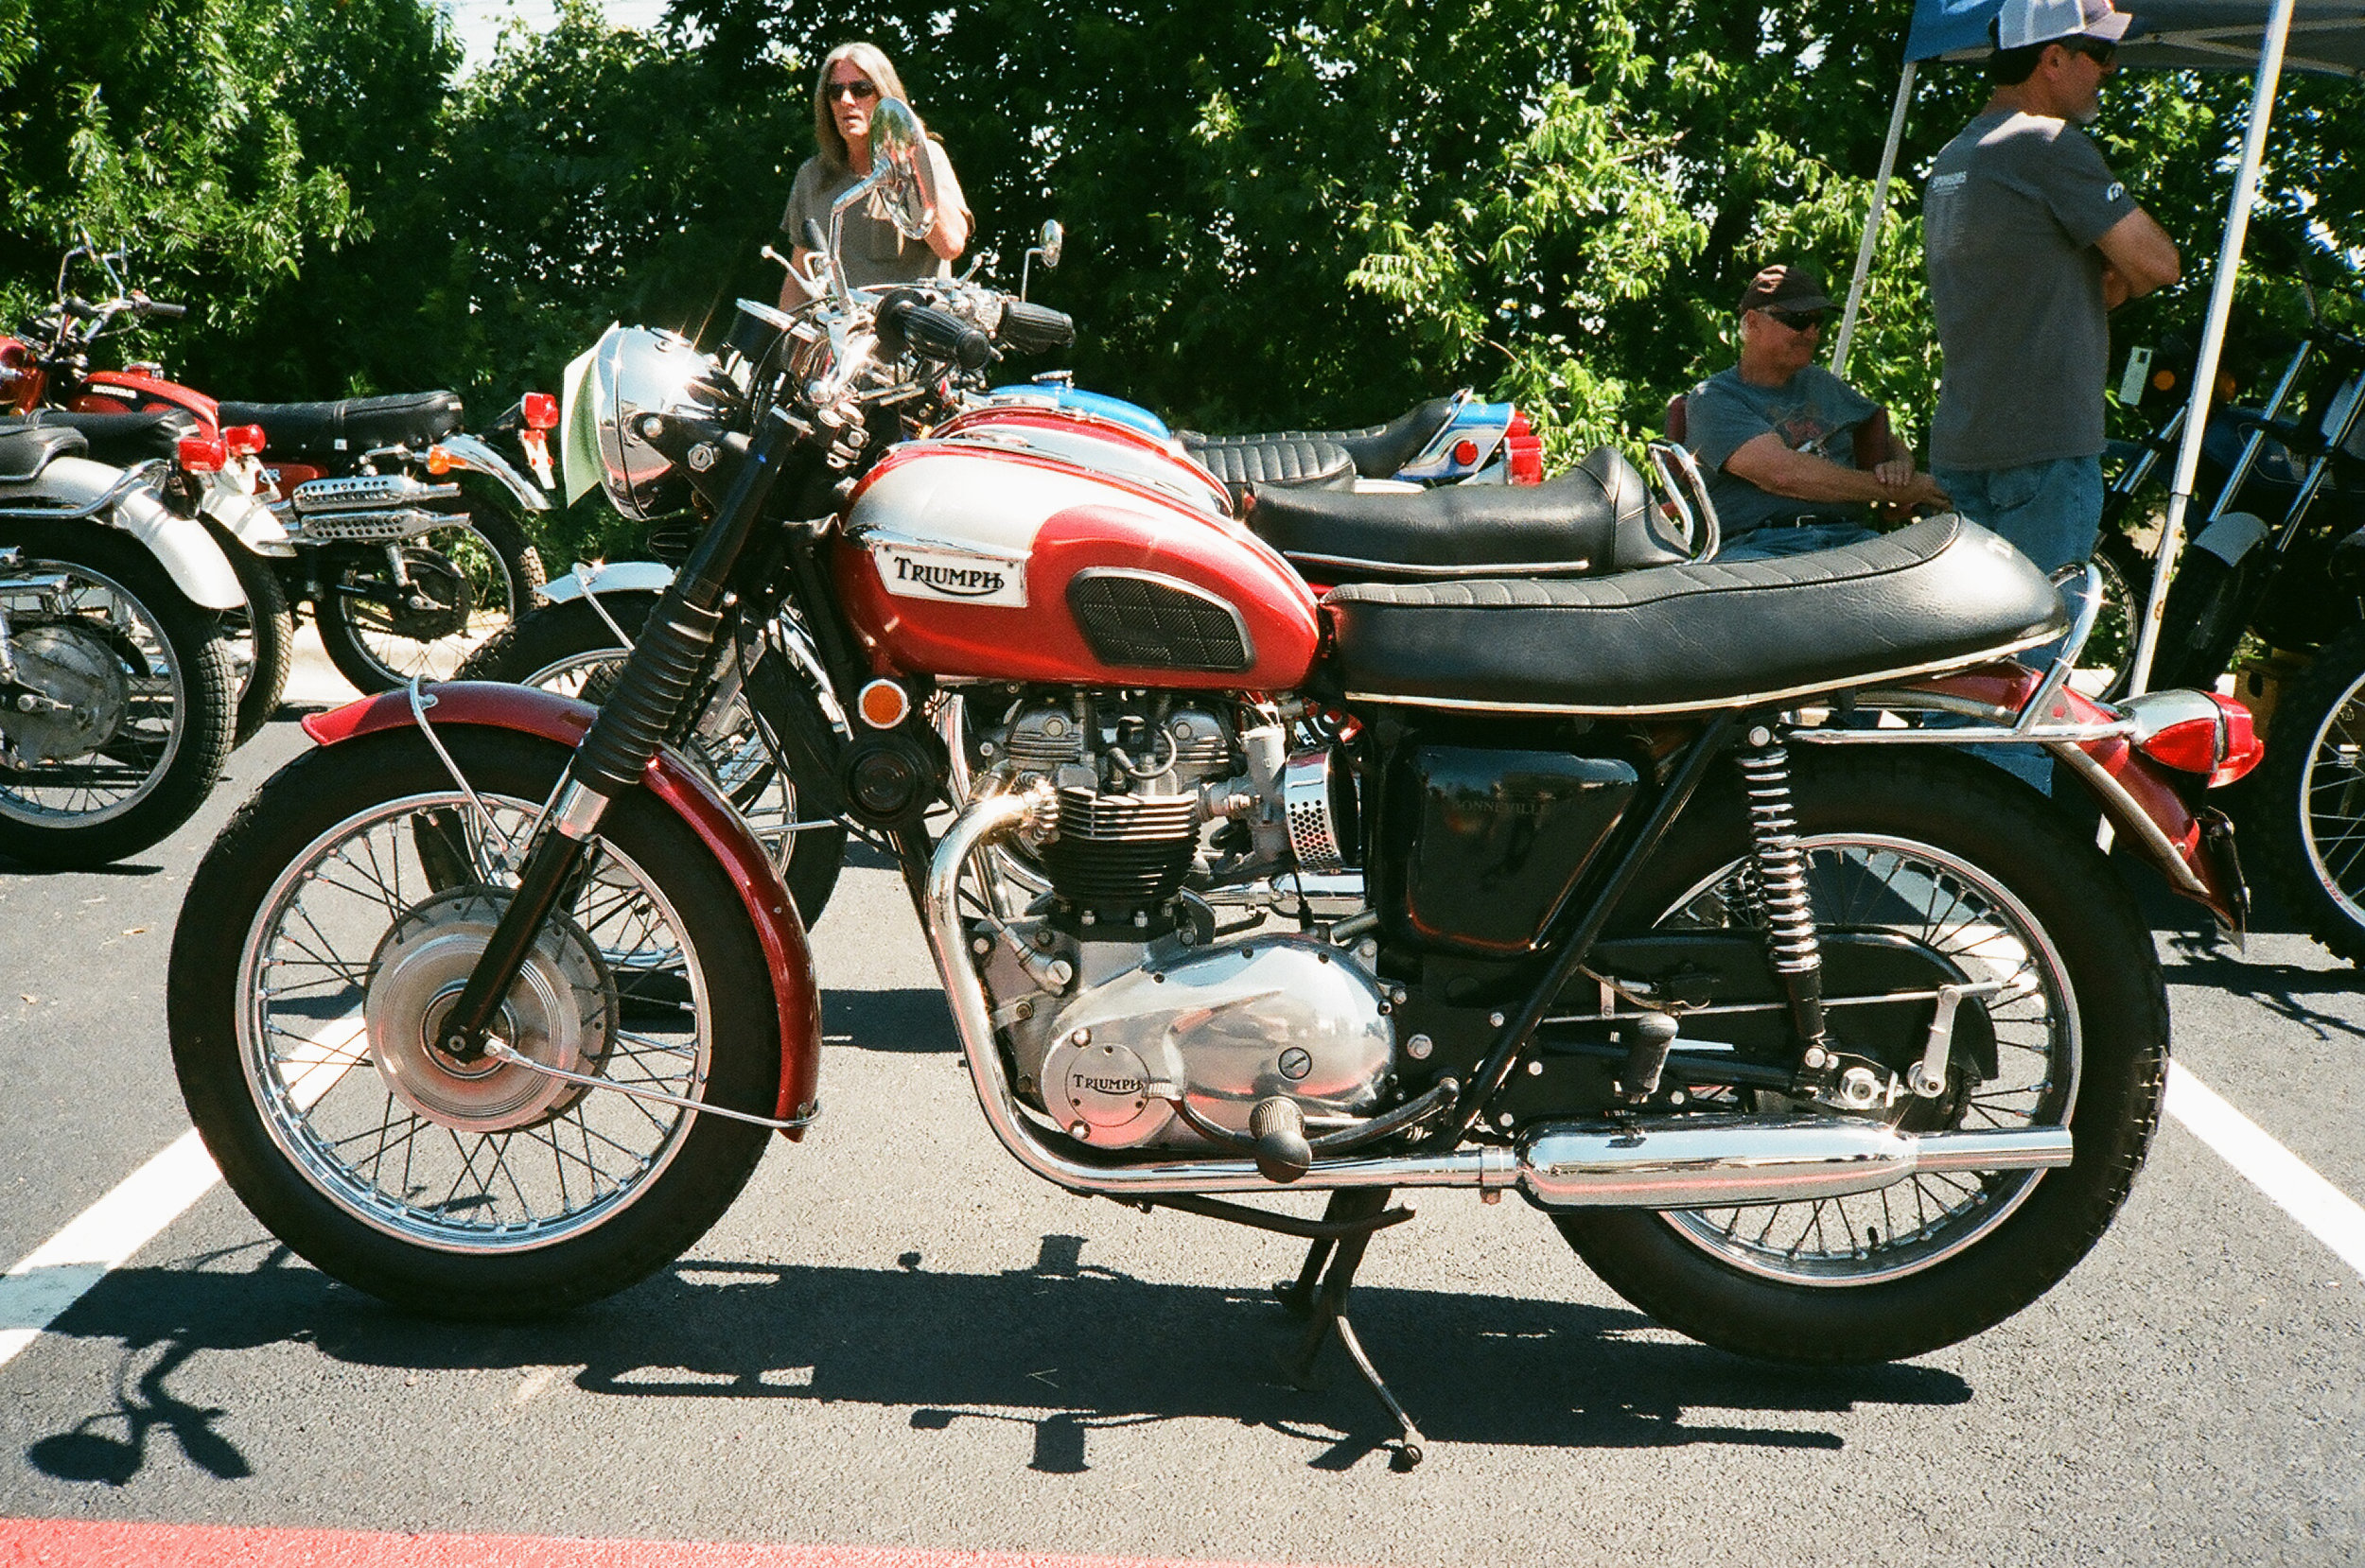 texas-motorcycle-revival-2017-58500002.jpg